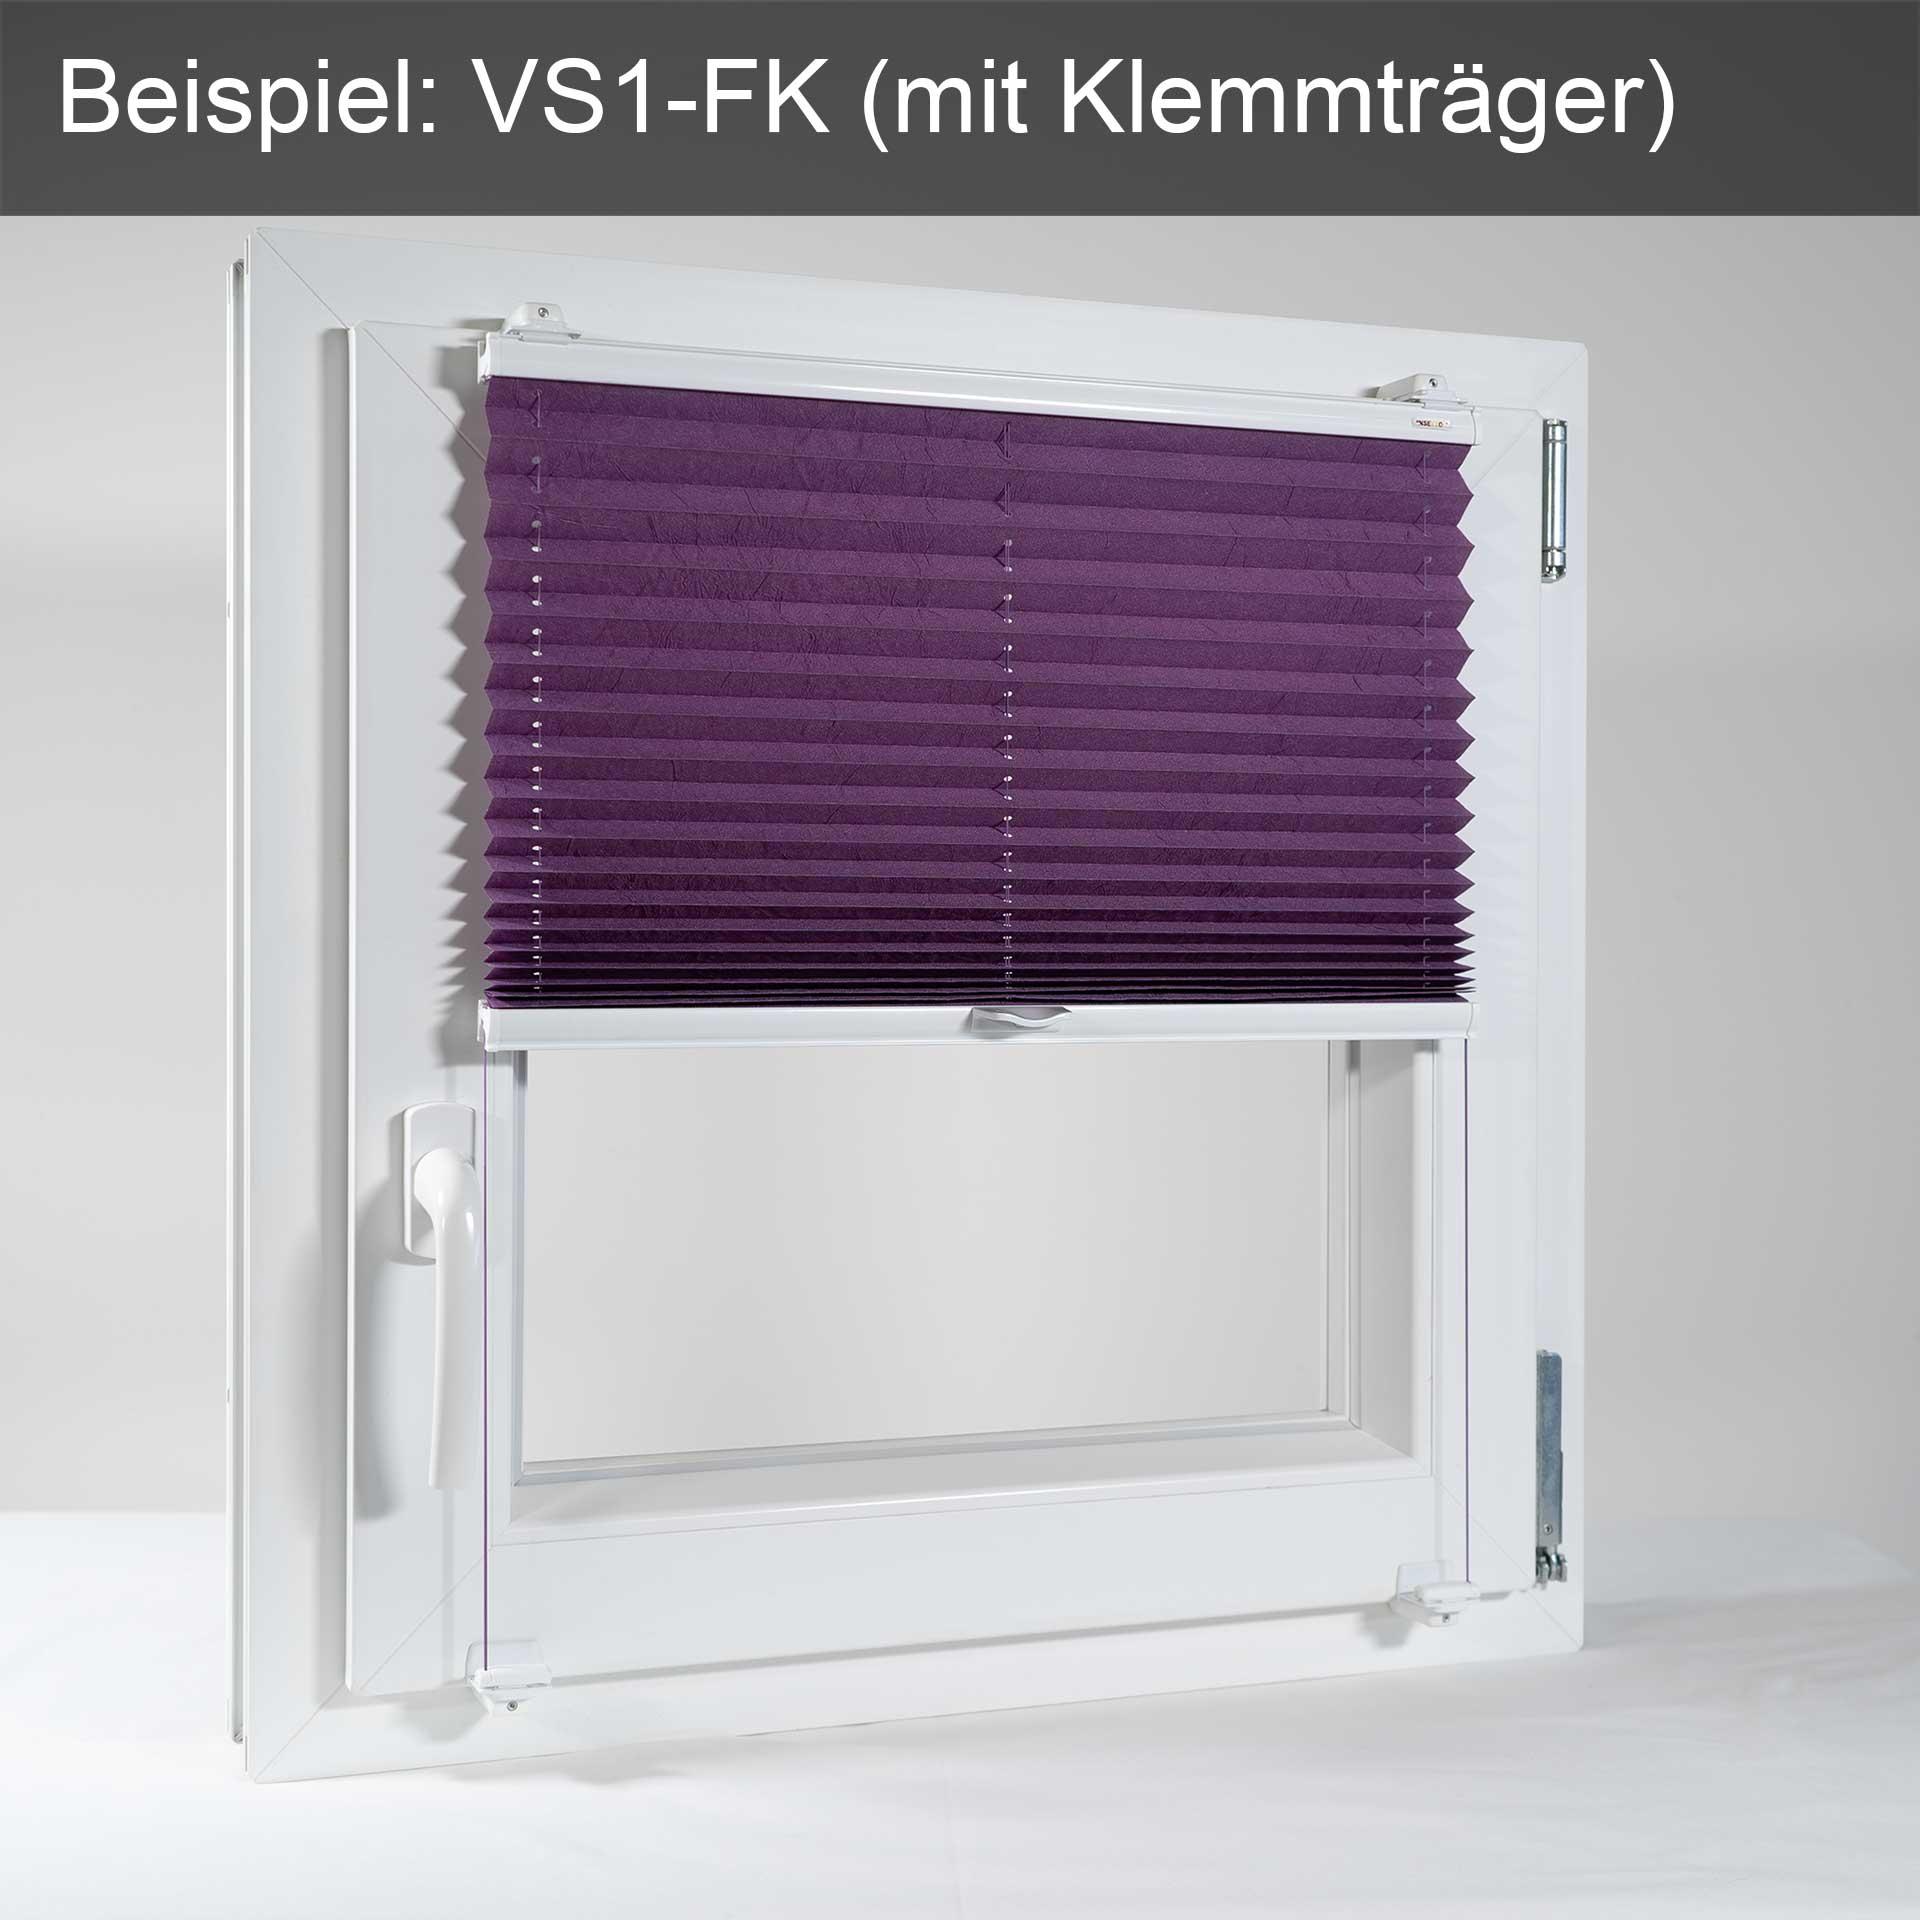 Sonnenschutz-Plissee VS1/VS2 für Fenster | mit Bediengriff